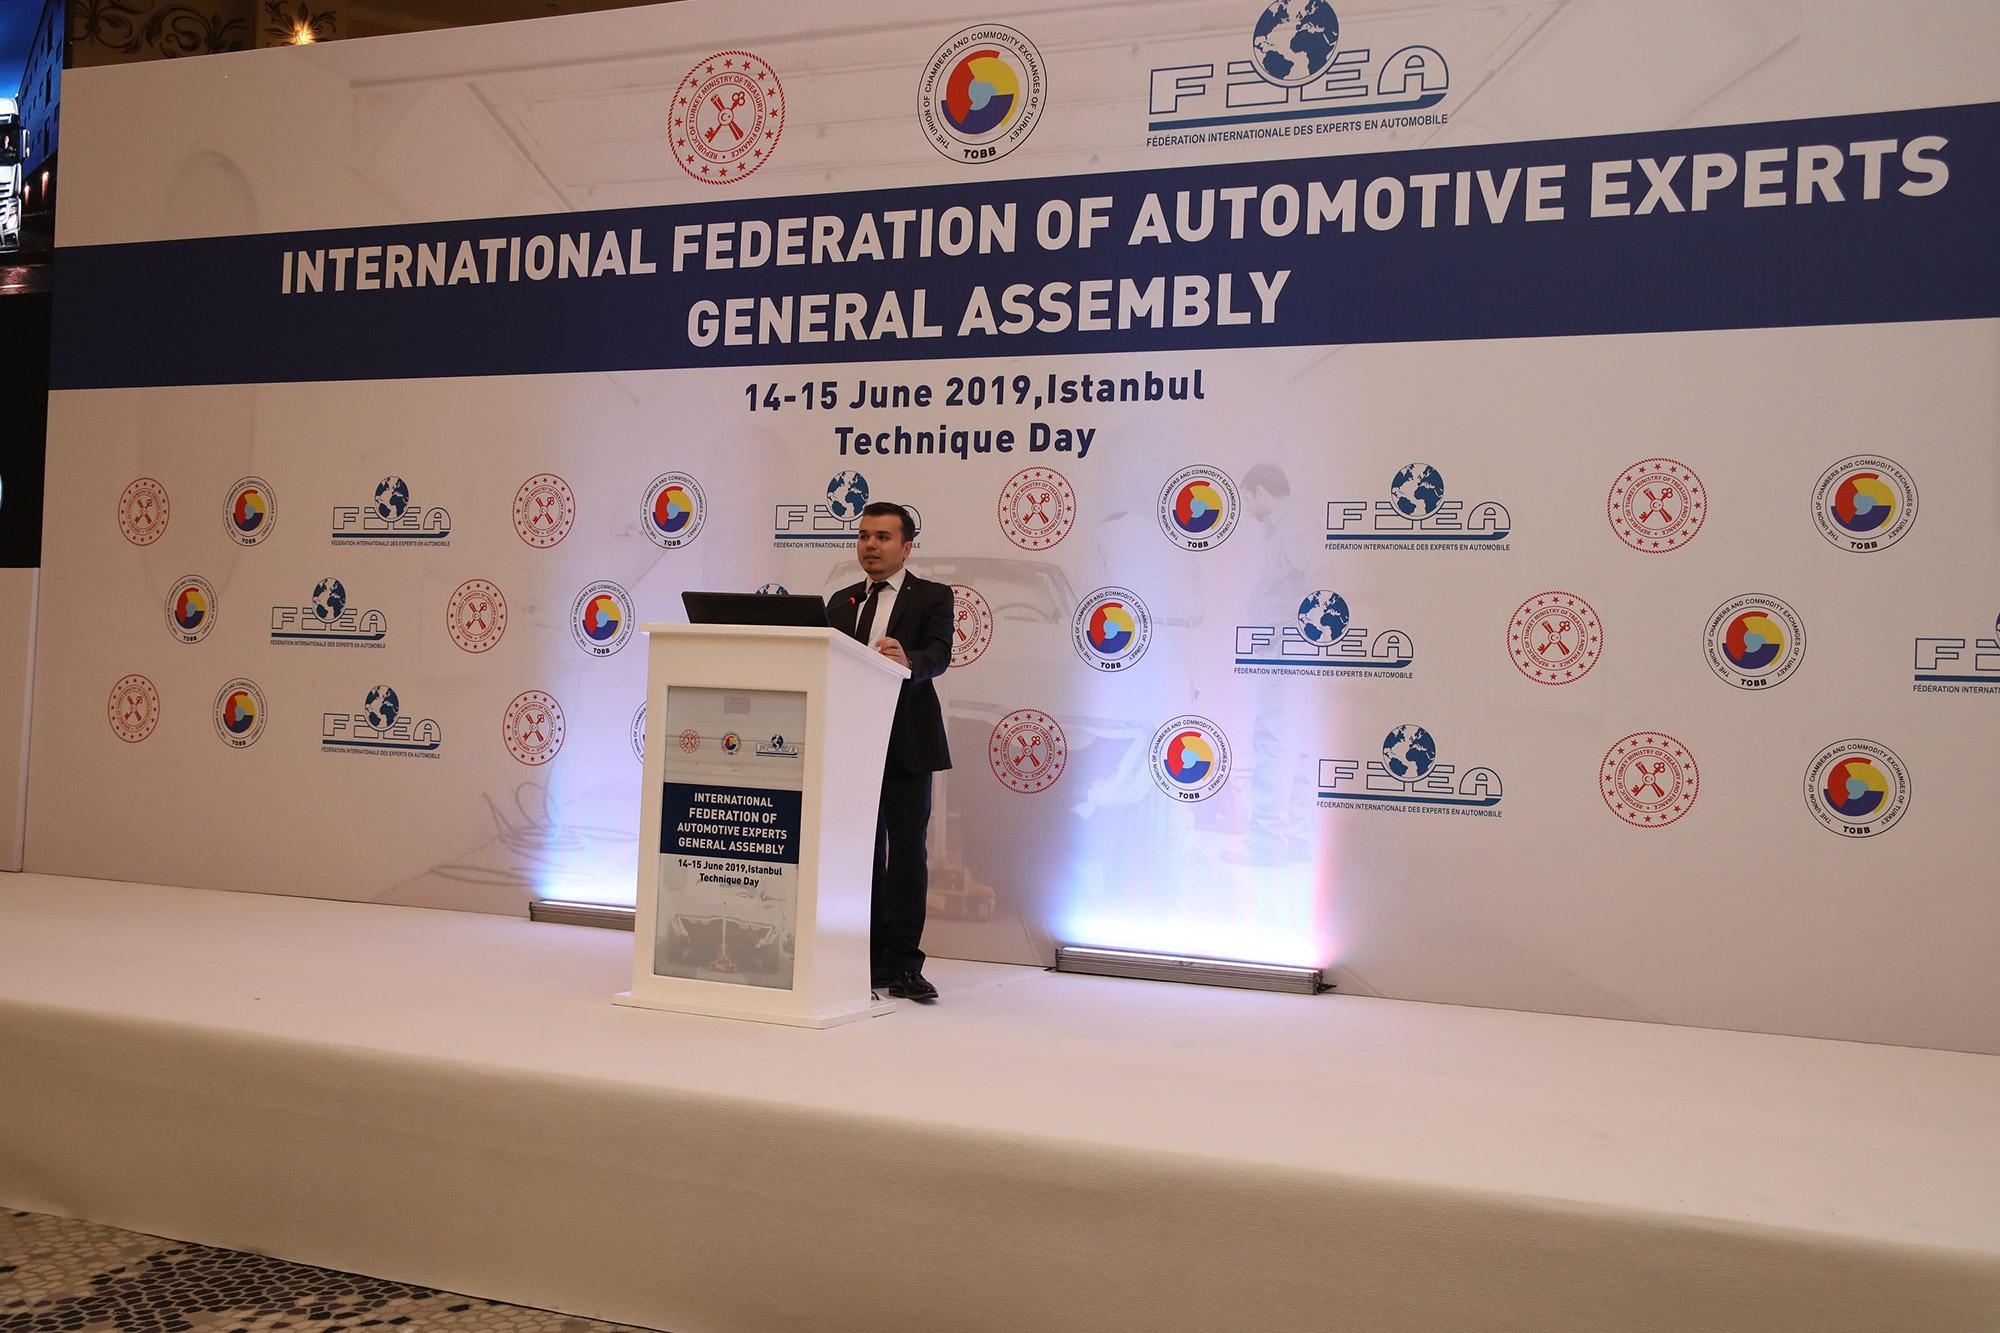 uluslararasi-otomotiv-eksperleri-federasyonu-genel-kurul-toplantisi.jpg